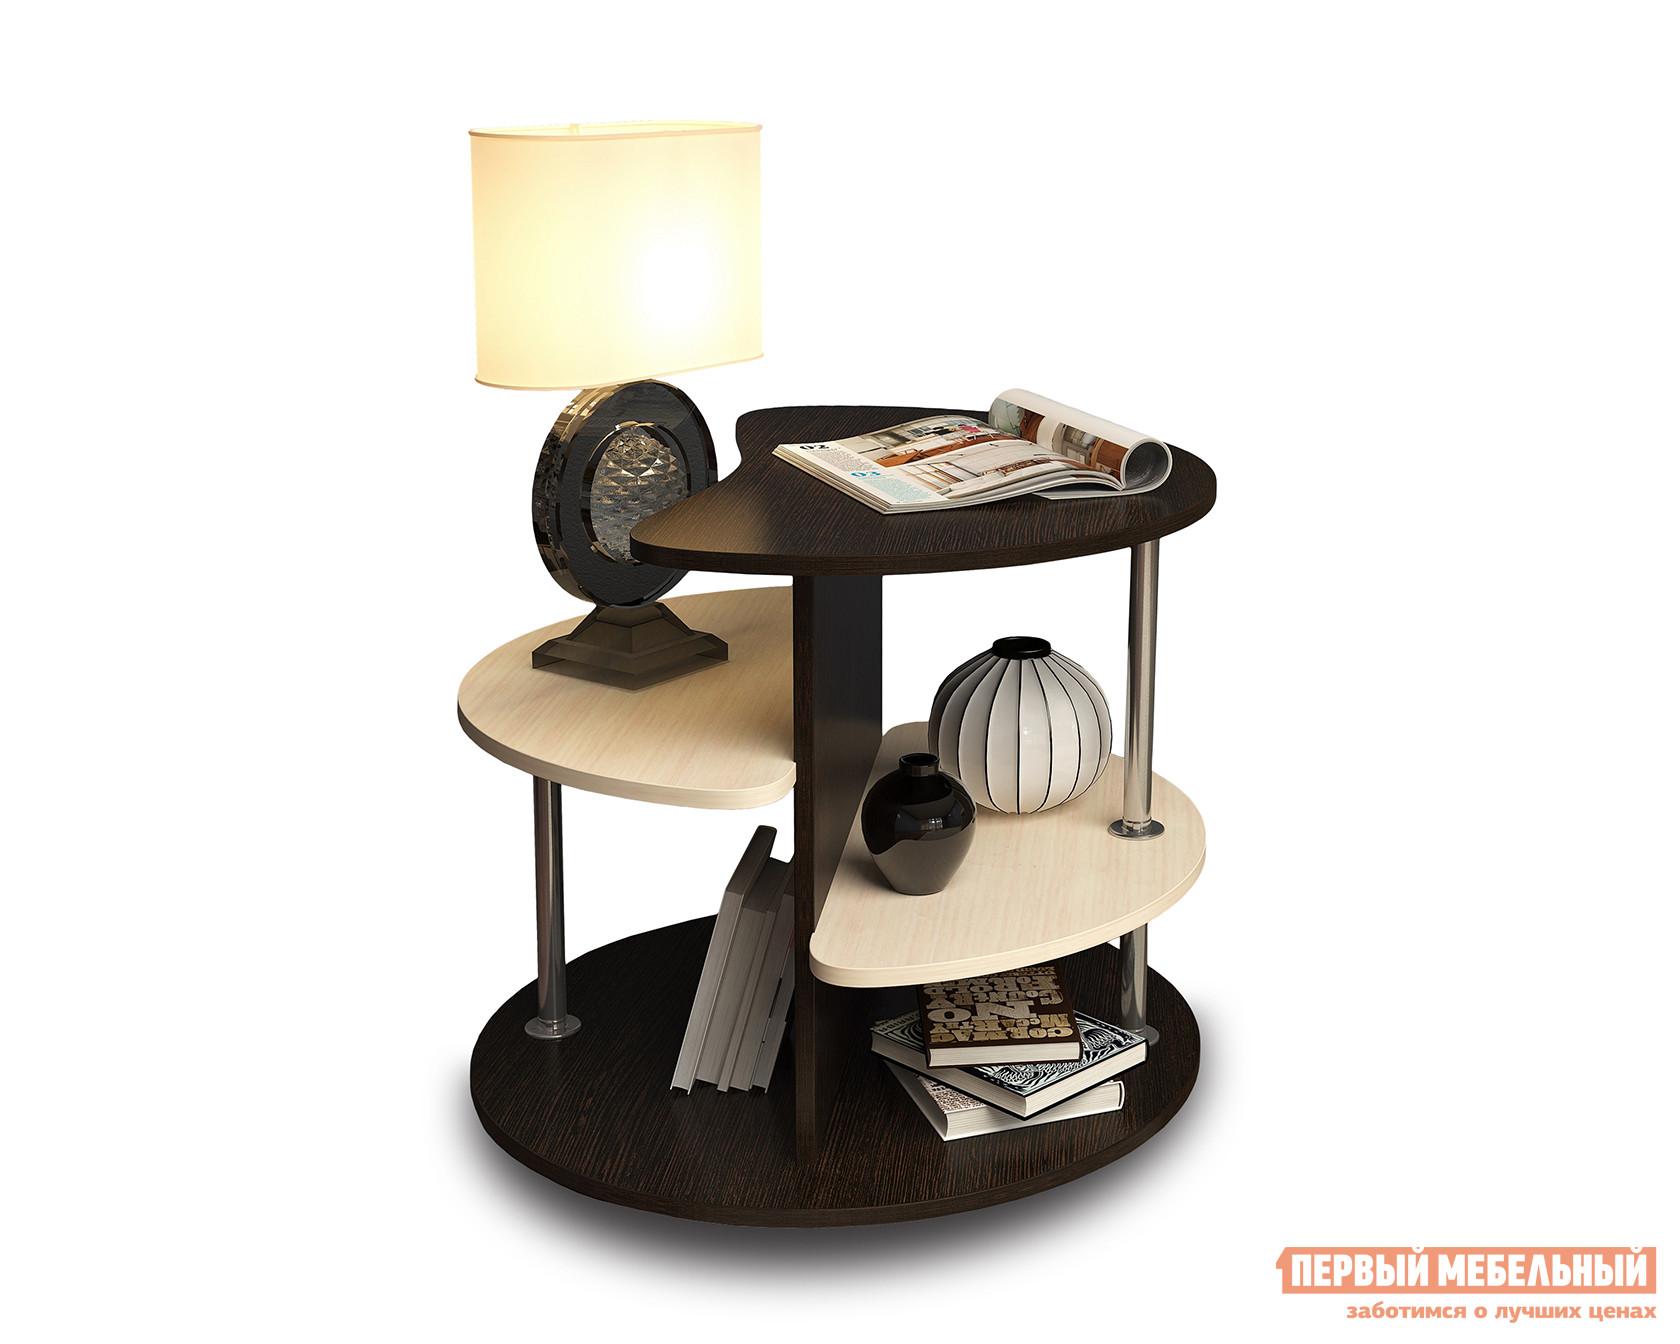 Стол журнальный Первый Мебельный Соренто стол журнальный первый мебельный стол журнальный марвелл